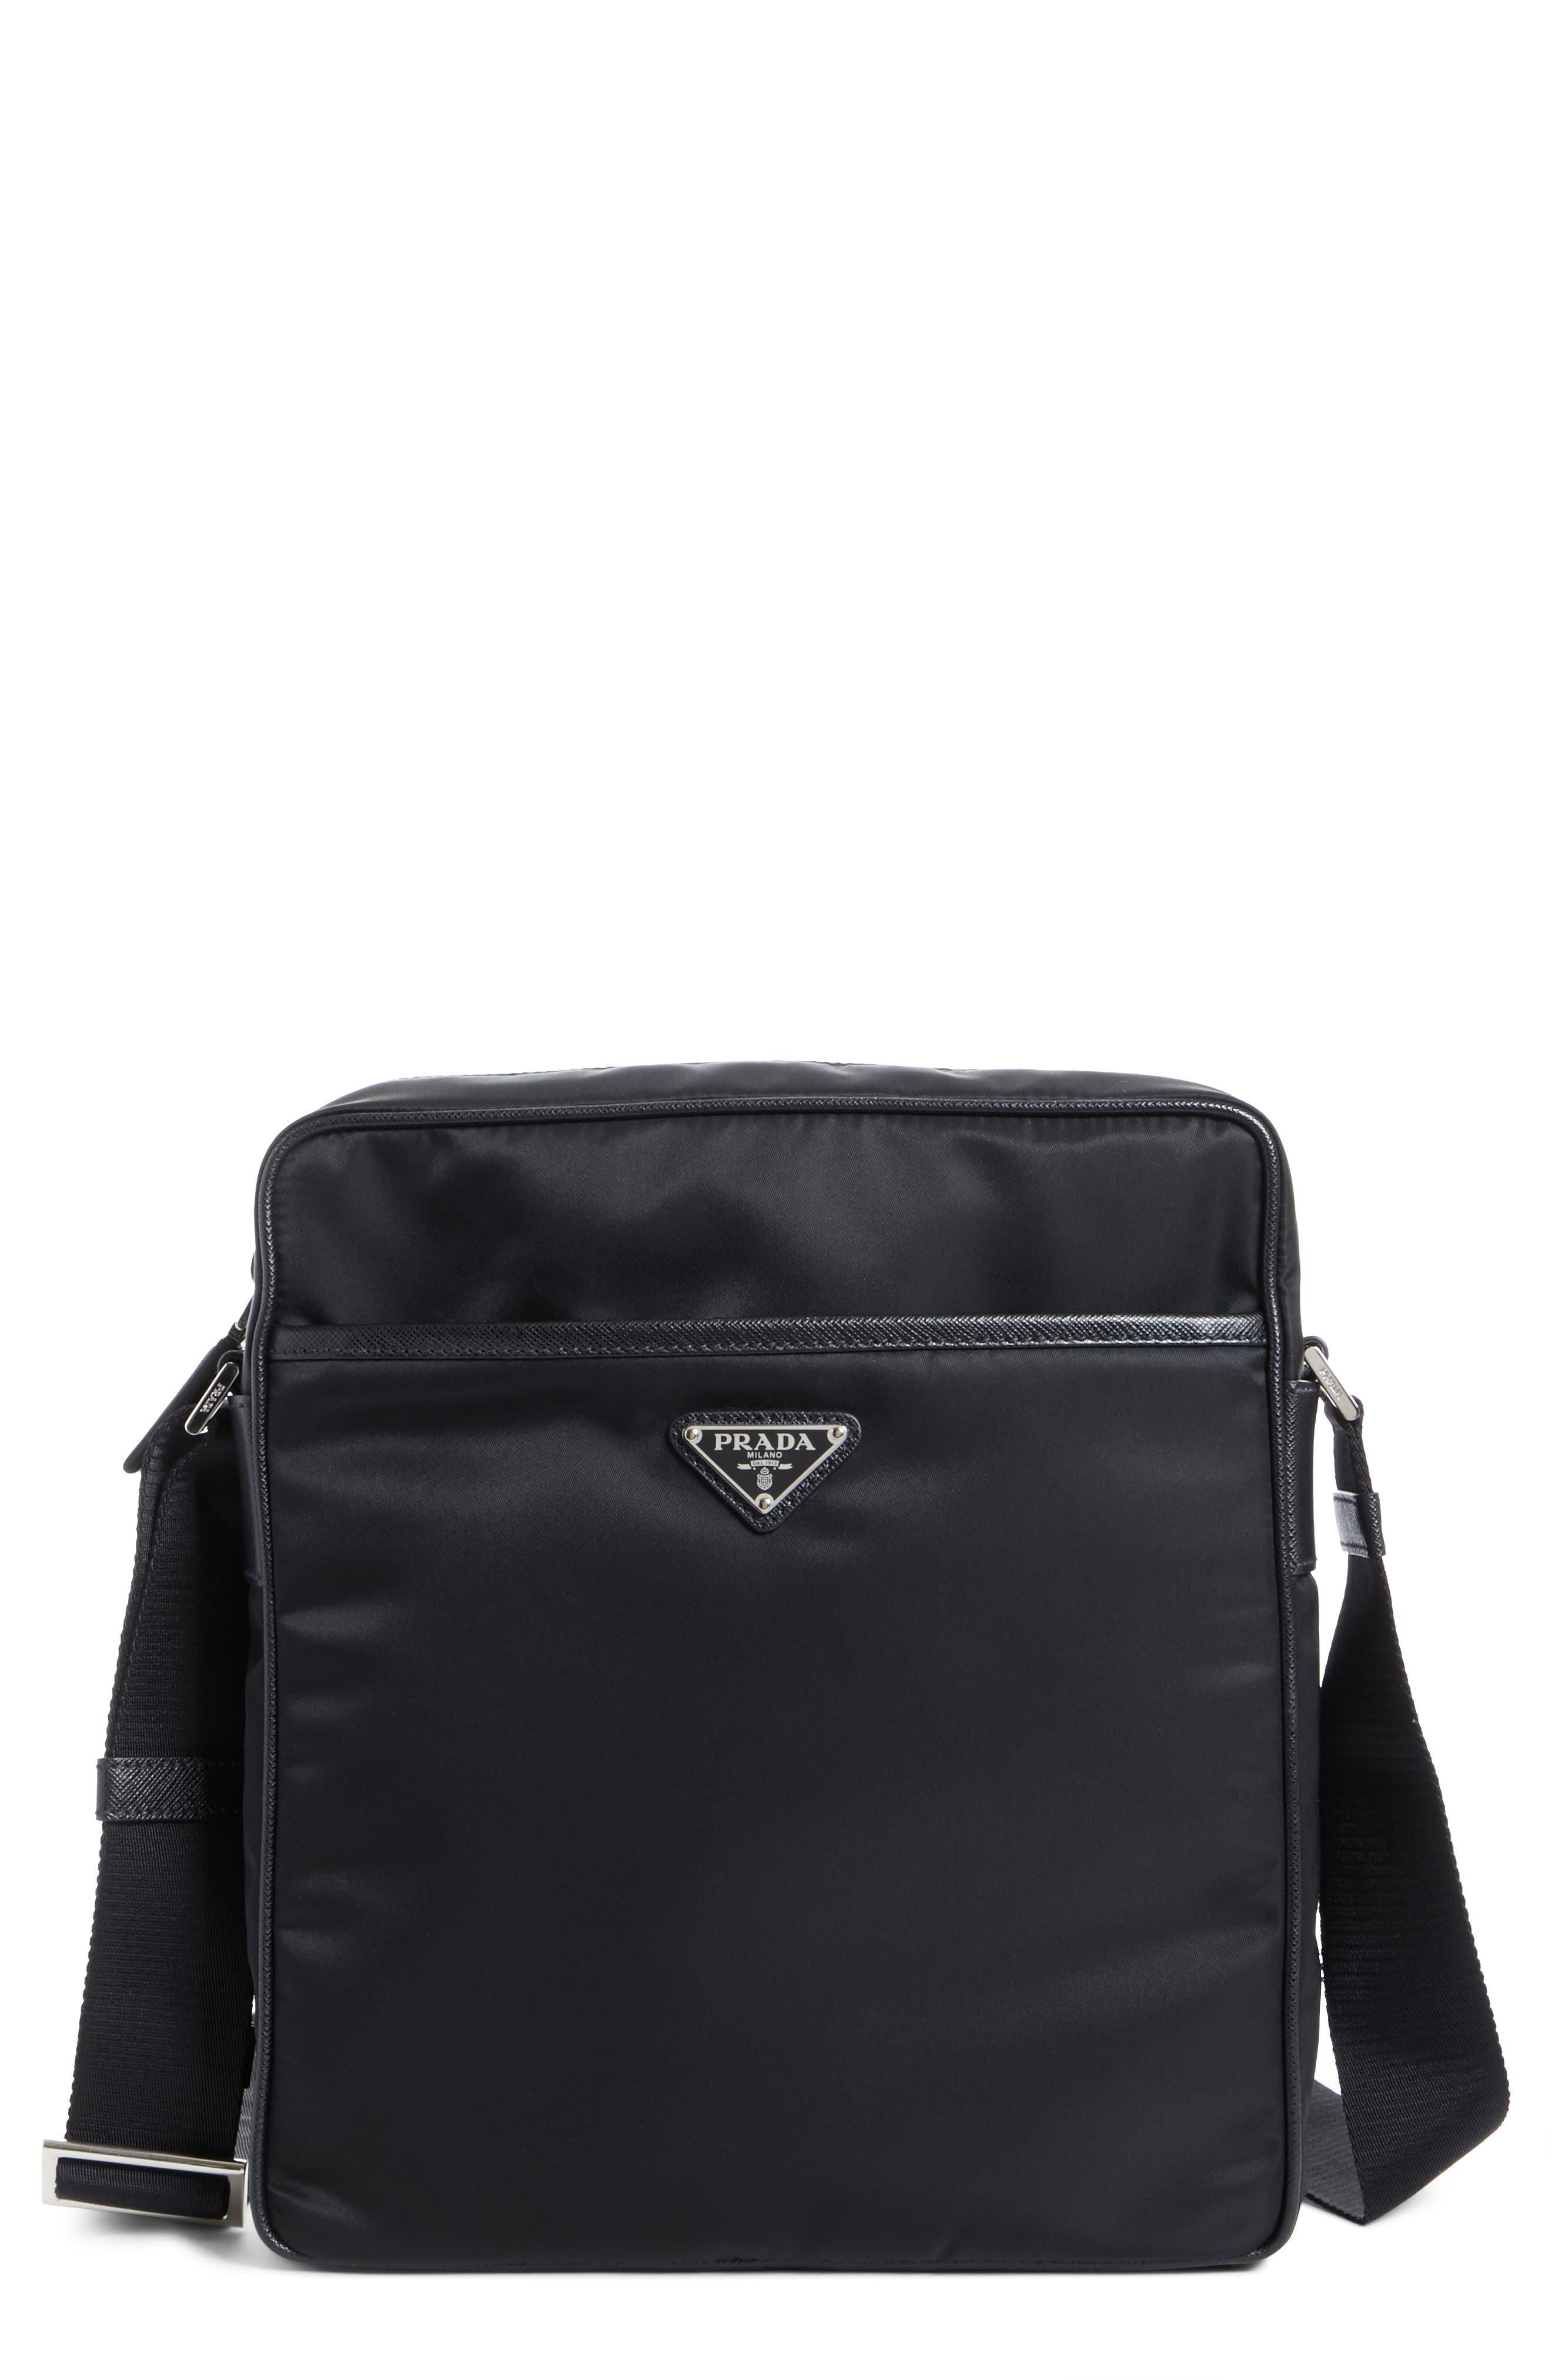 Saffiano Leather Crossbody Bag,                         Main,                         color, Nero